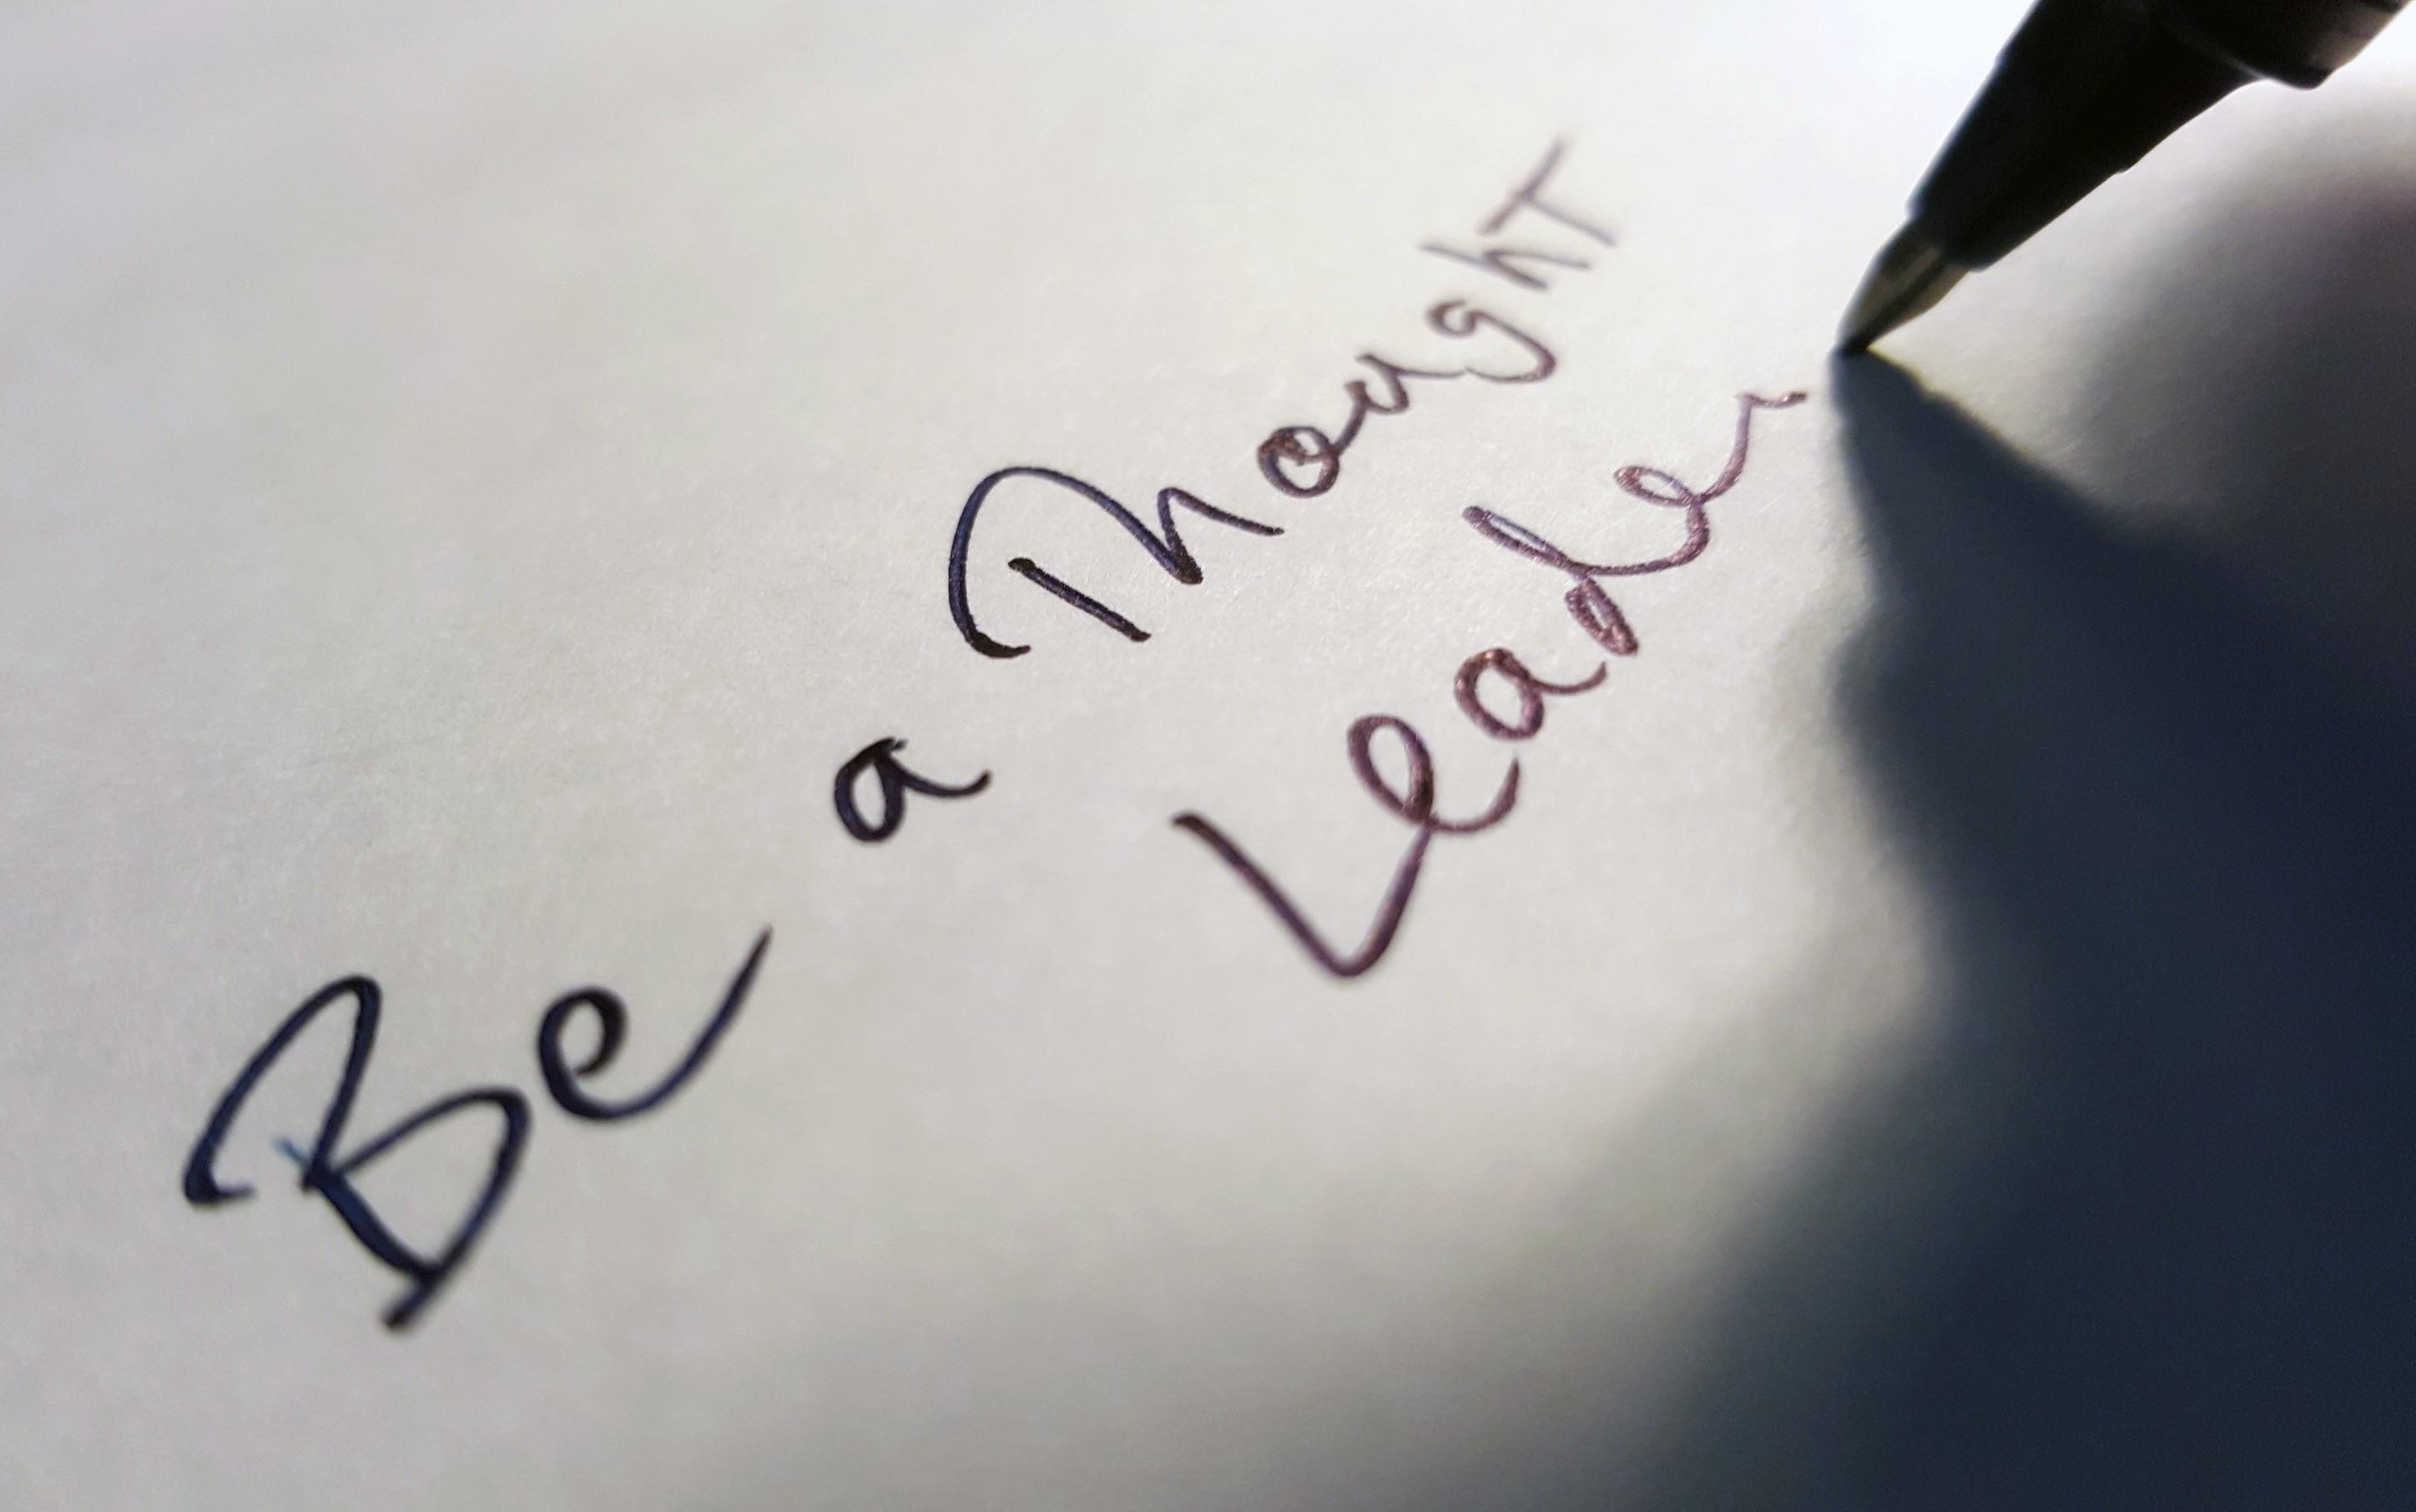 Gambar Penulisan Cinta Fon Seni Sketsa Gambar Teks Tulisan